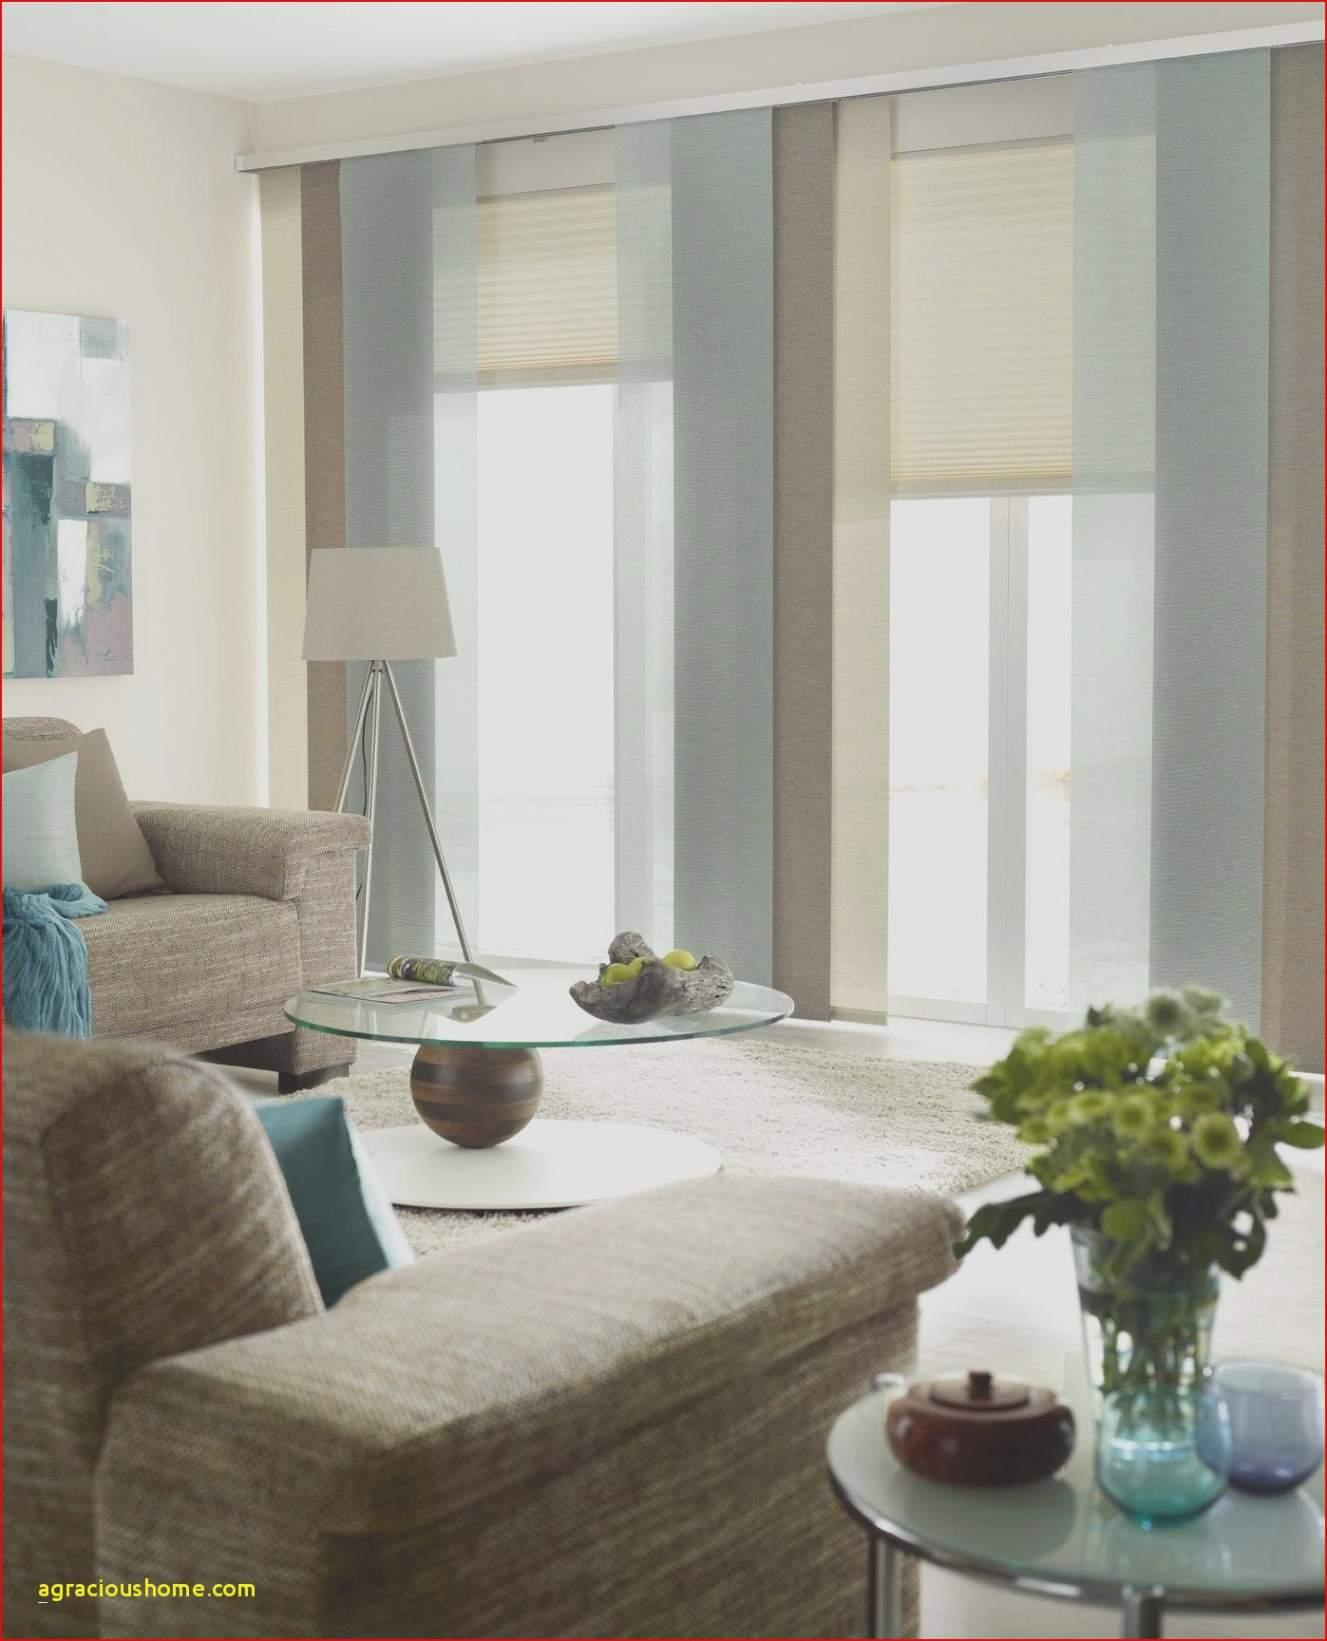 Full Size of 32 Einzigartig Gardinen Wohnzimmer Modern Ideen Schn Wohnwand Relaxliege Deckenlampen Für Stehlampe Deko Teppiche Decke Schrankwand Pendelleuchte Lampe Wohnzimmer Wohnzimmer Gardinen Modern